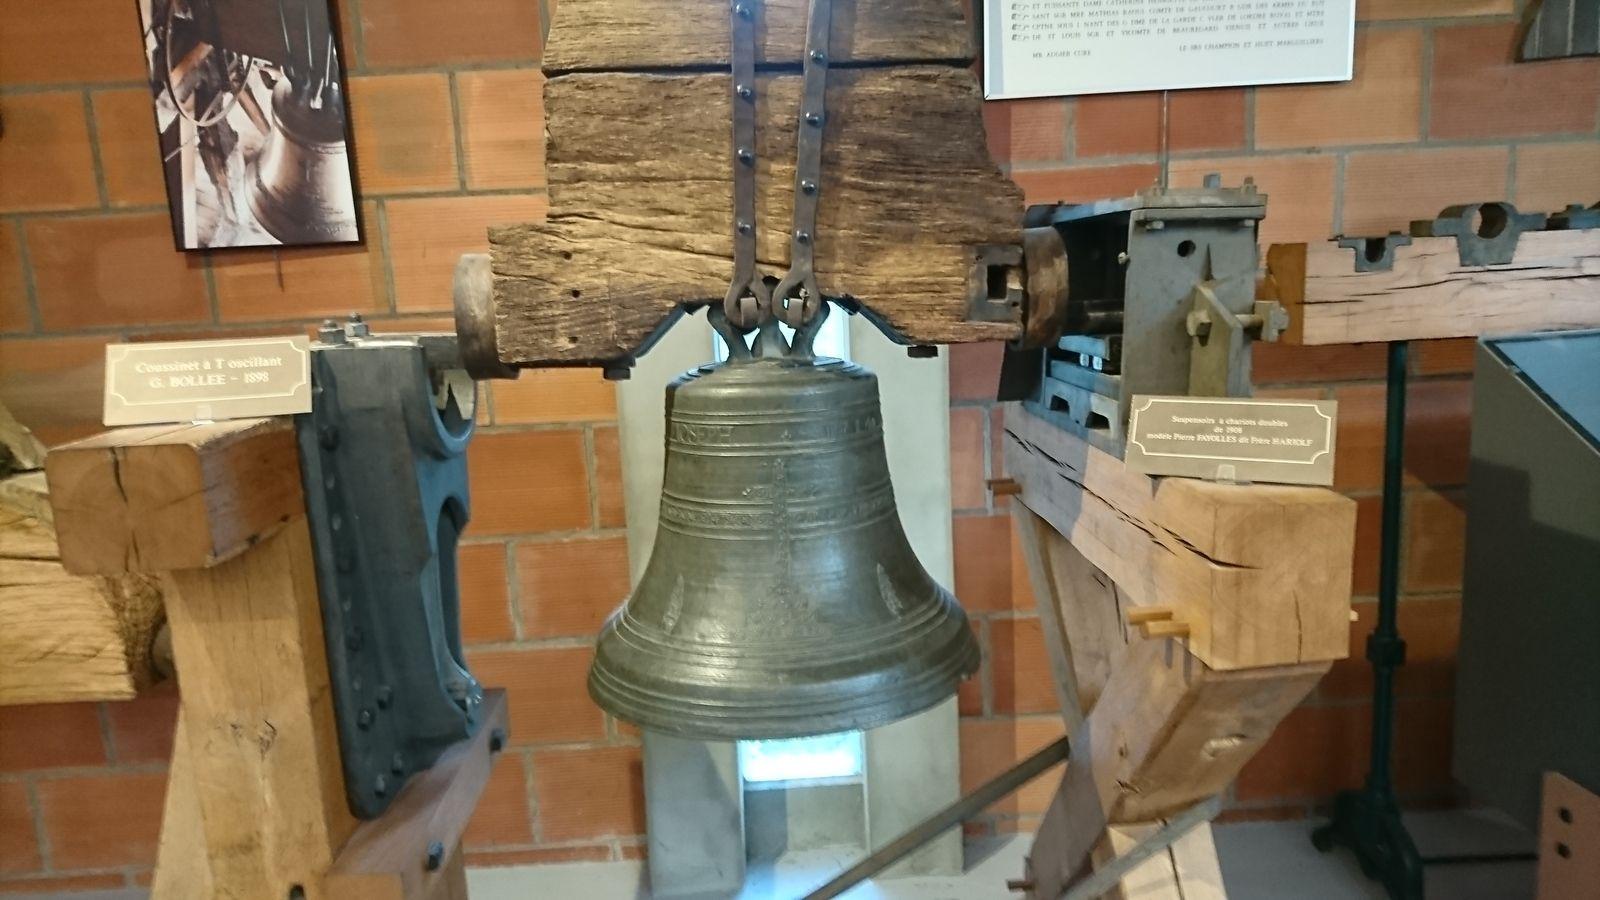 Déjeuner à Souvigny en Sologne, l'après midi visite le Musée Bollée à Saint Jean de Braye.